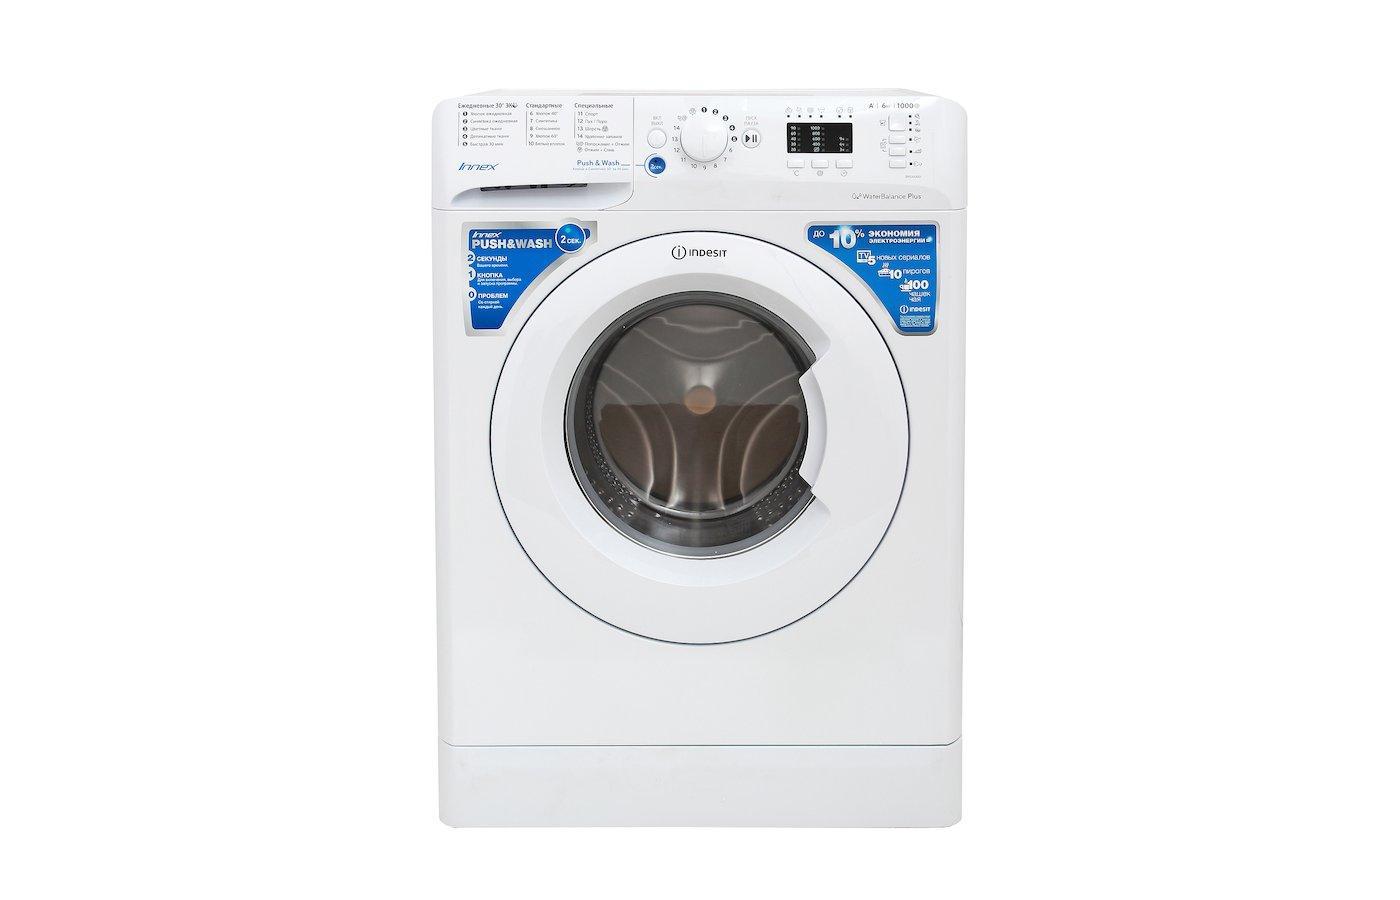 Выбираем лучшую стиральную машину indesit